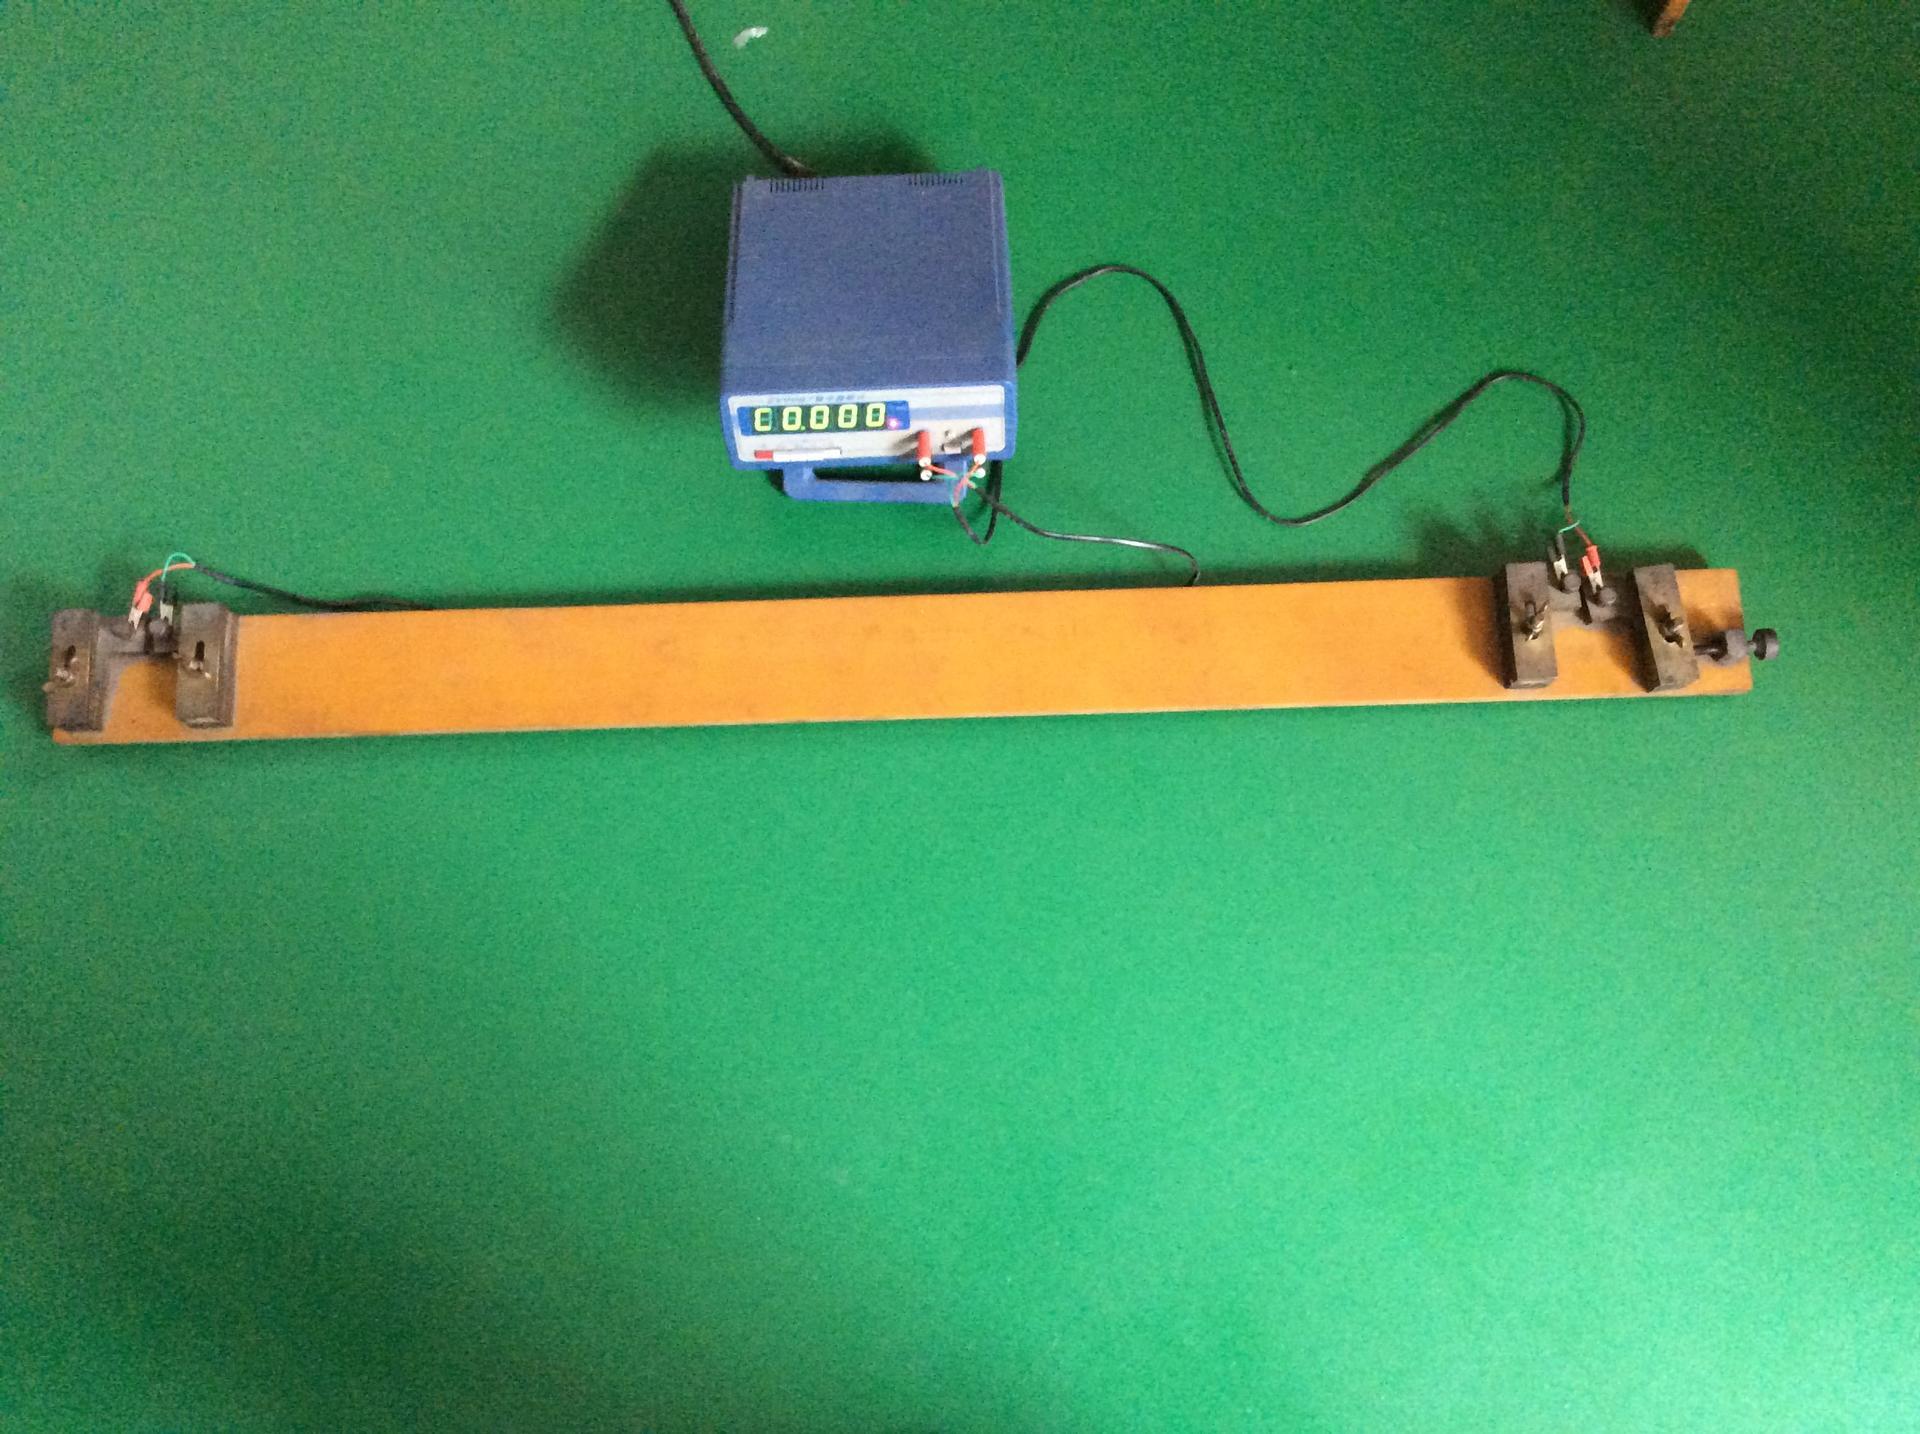 电阻测试仪.jpg